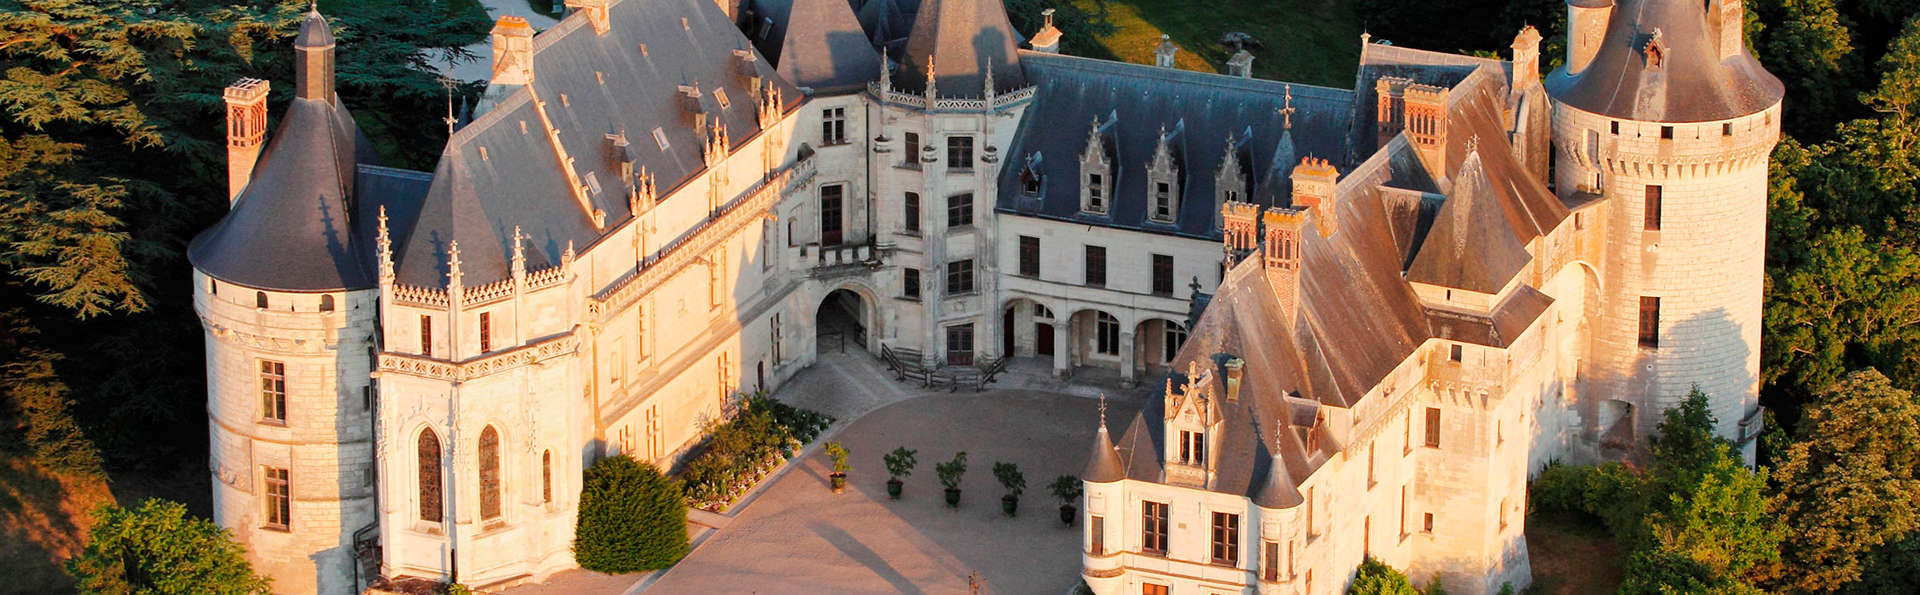 Novotel Blois Centre Val de Loire - EDIT_chaumont.jpg